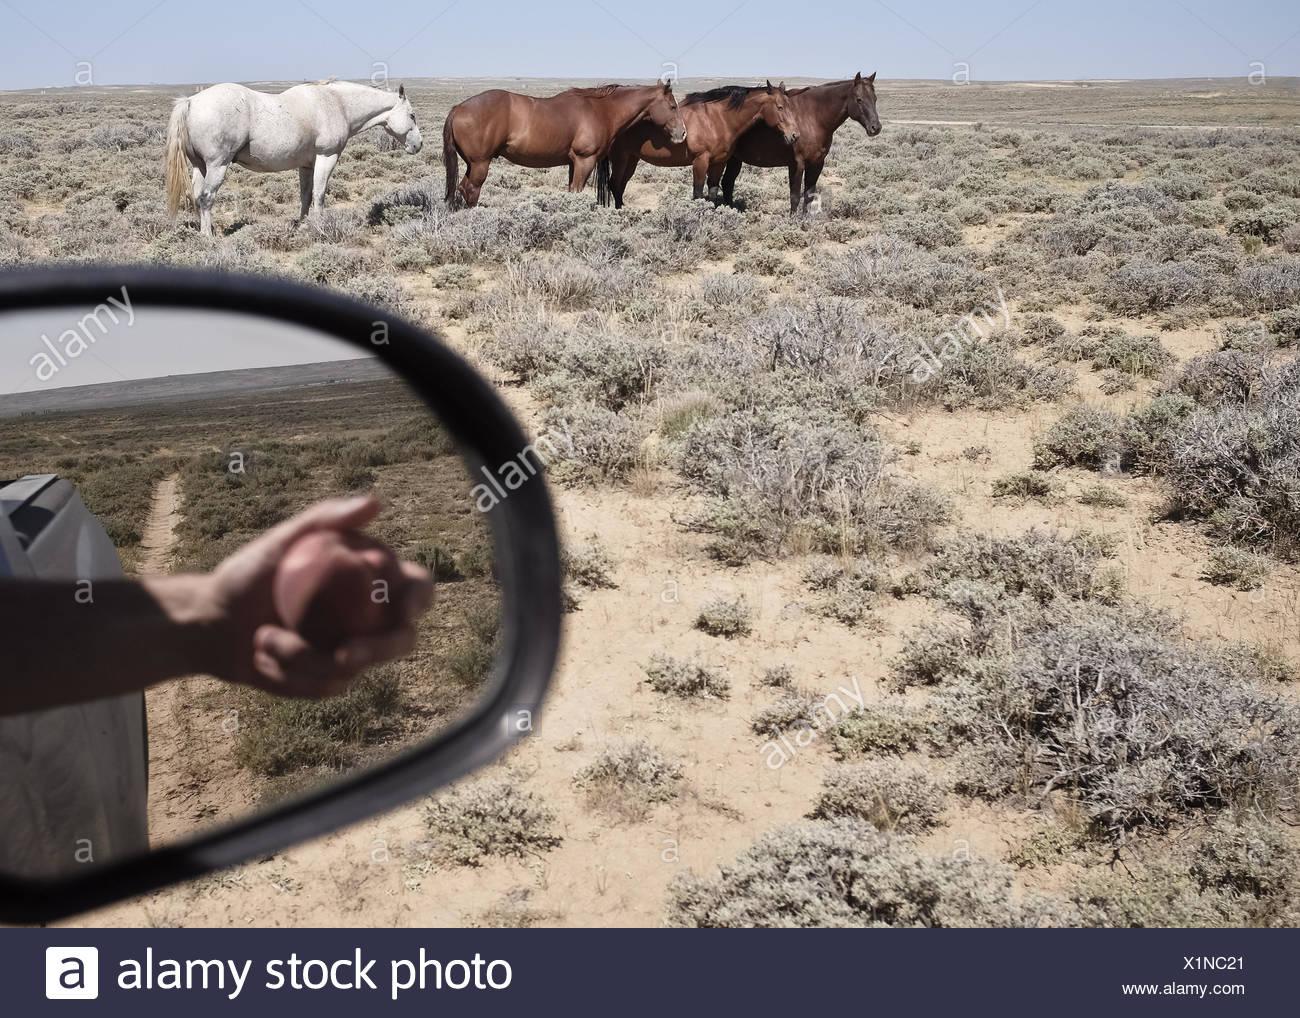 USA, Wyoming, Pferde und Reflexion von Hand mit Apple im Seitenspiegel Stockbild